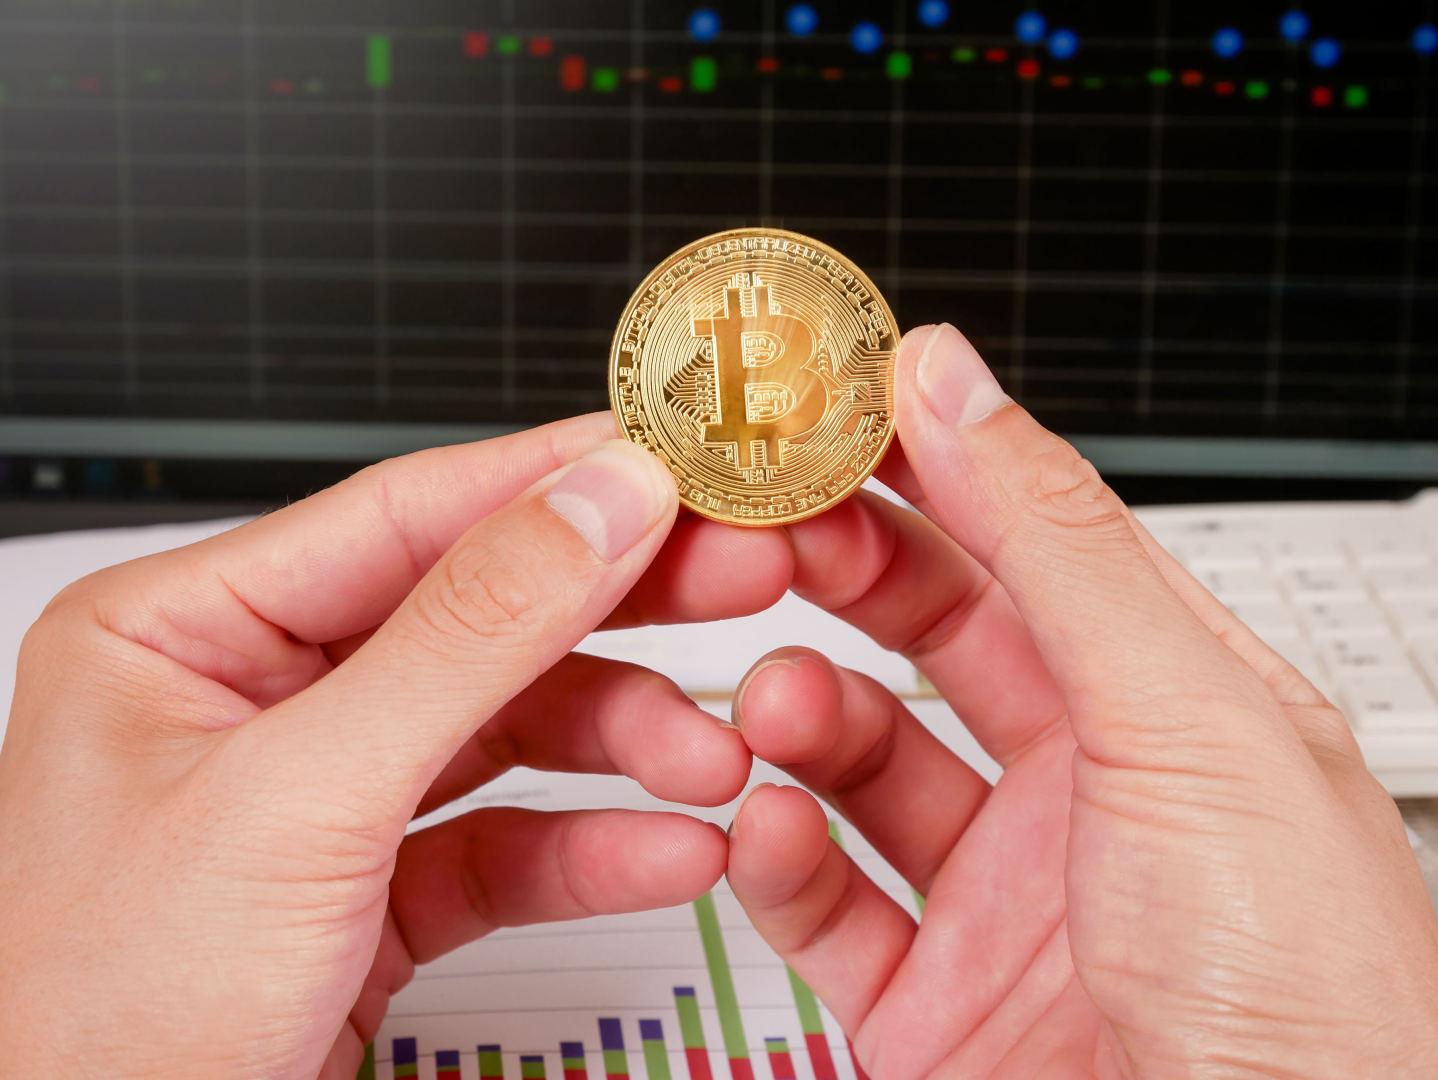 Pasaulinis prekybos botas teisėtas bitkoinas - Vpservers